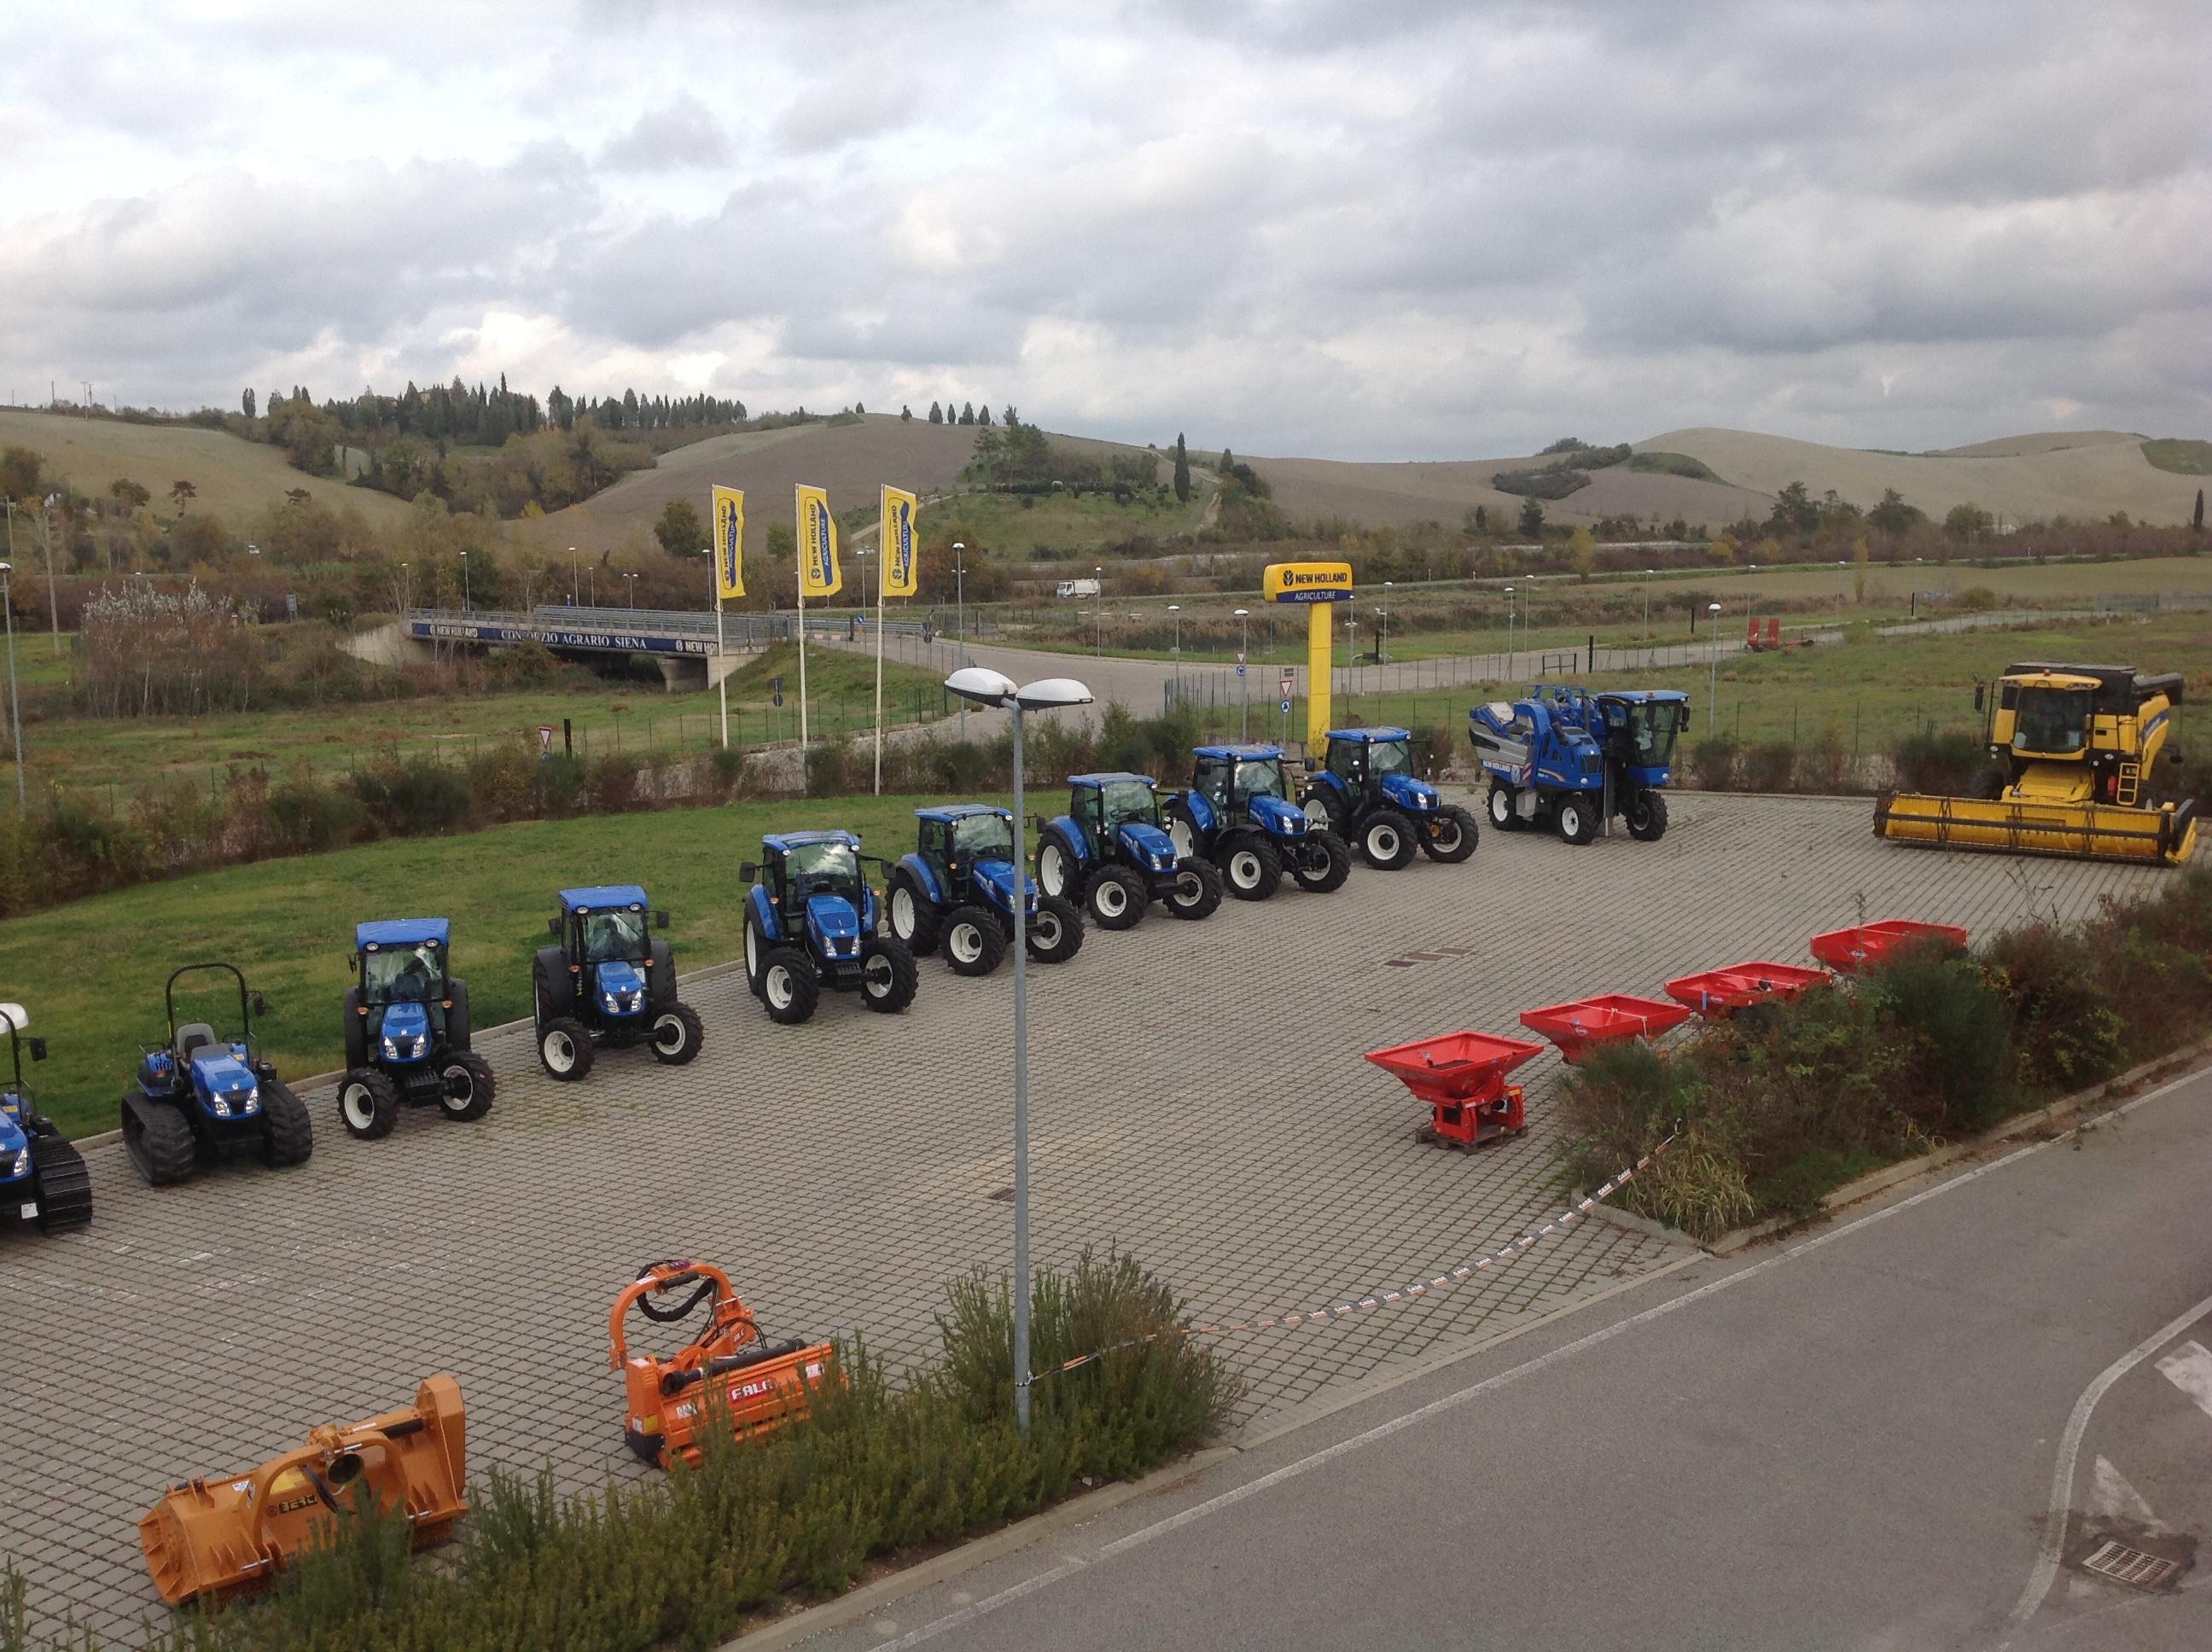 Consorzio agrario trattori in mostra a casetta il for Consorzio agrario piacenza trattori usati